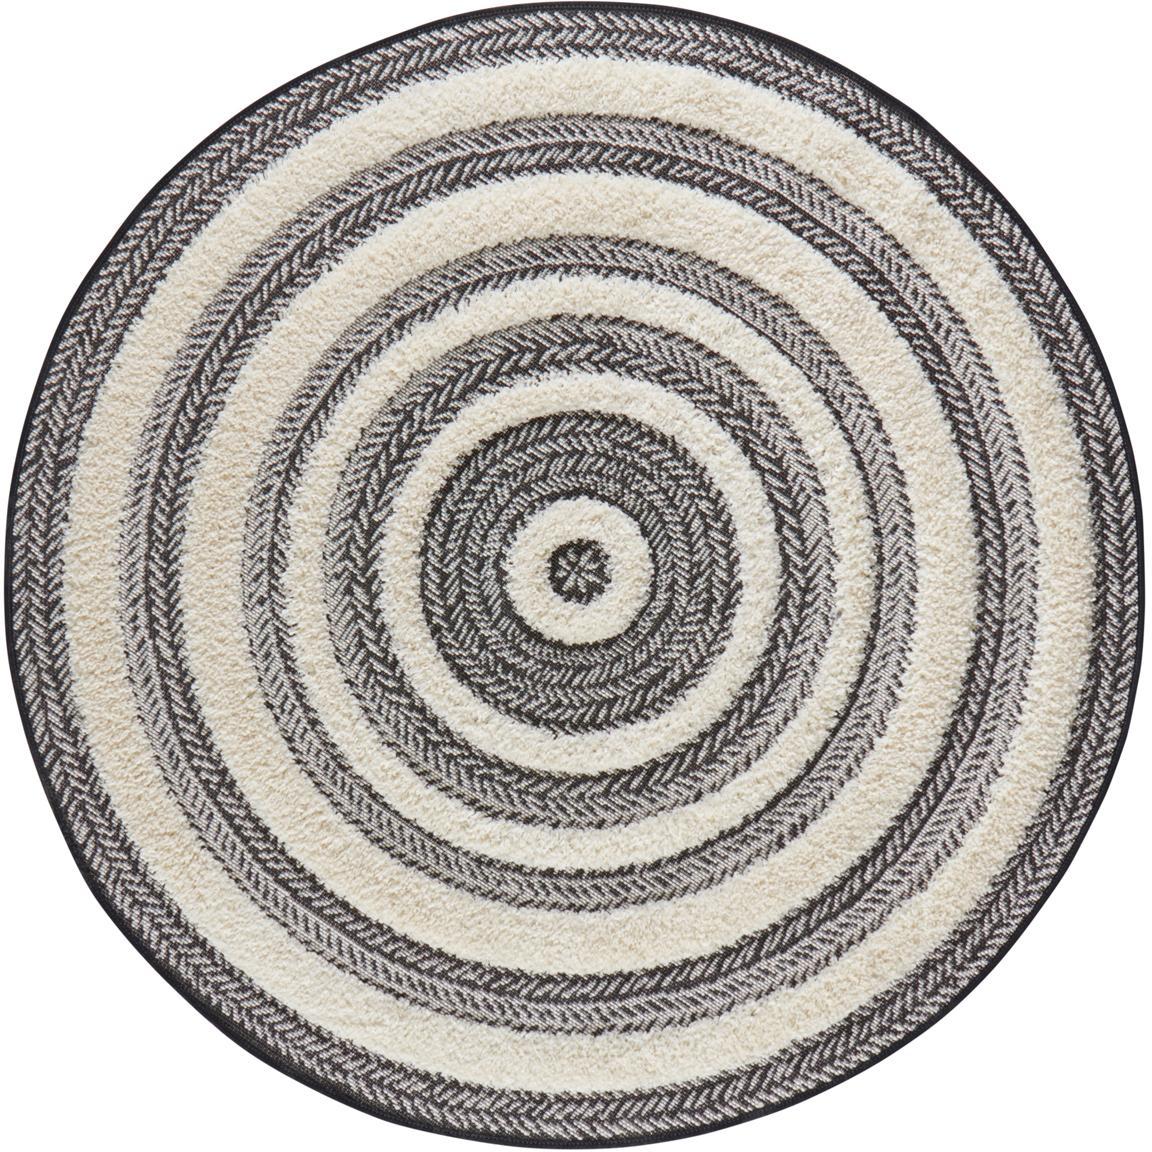 Tappeto rotondo con motivo a rilievo Nador, 100% polipropilene, Grigio, color crema, Ø 160 cm (taglia L)